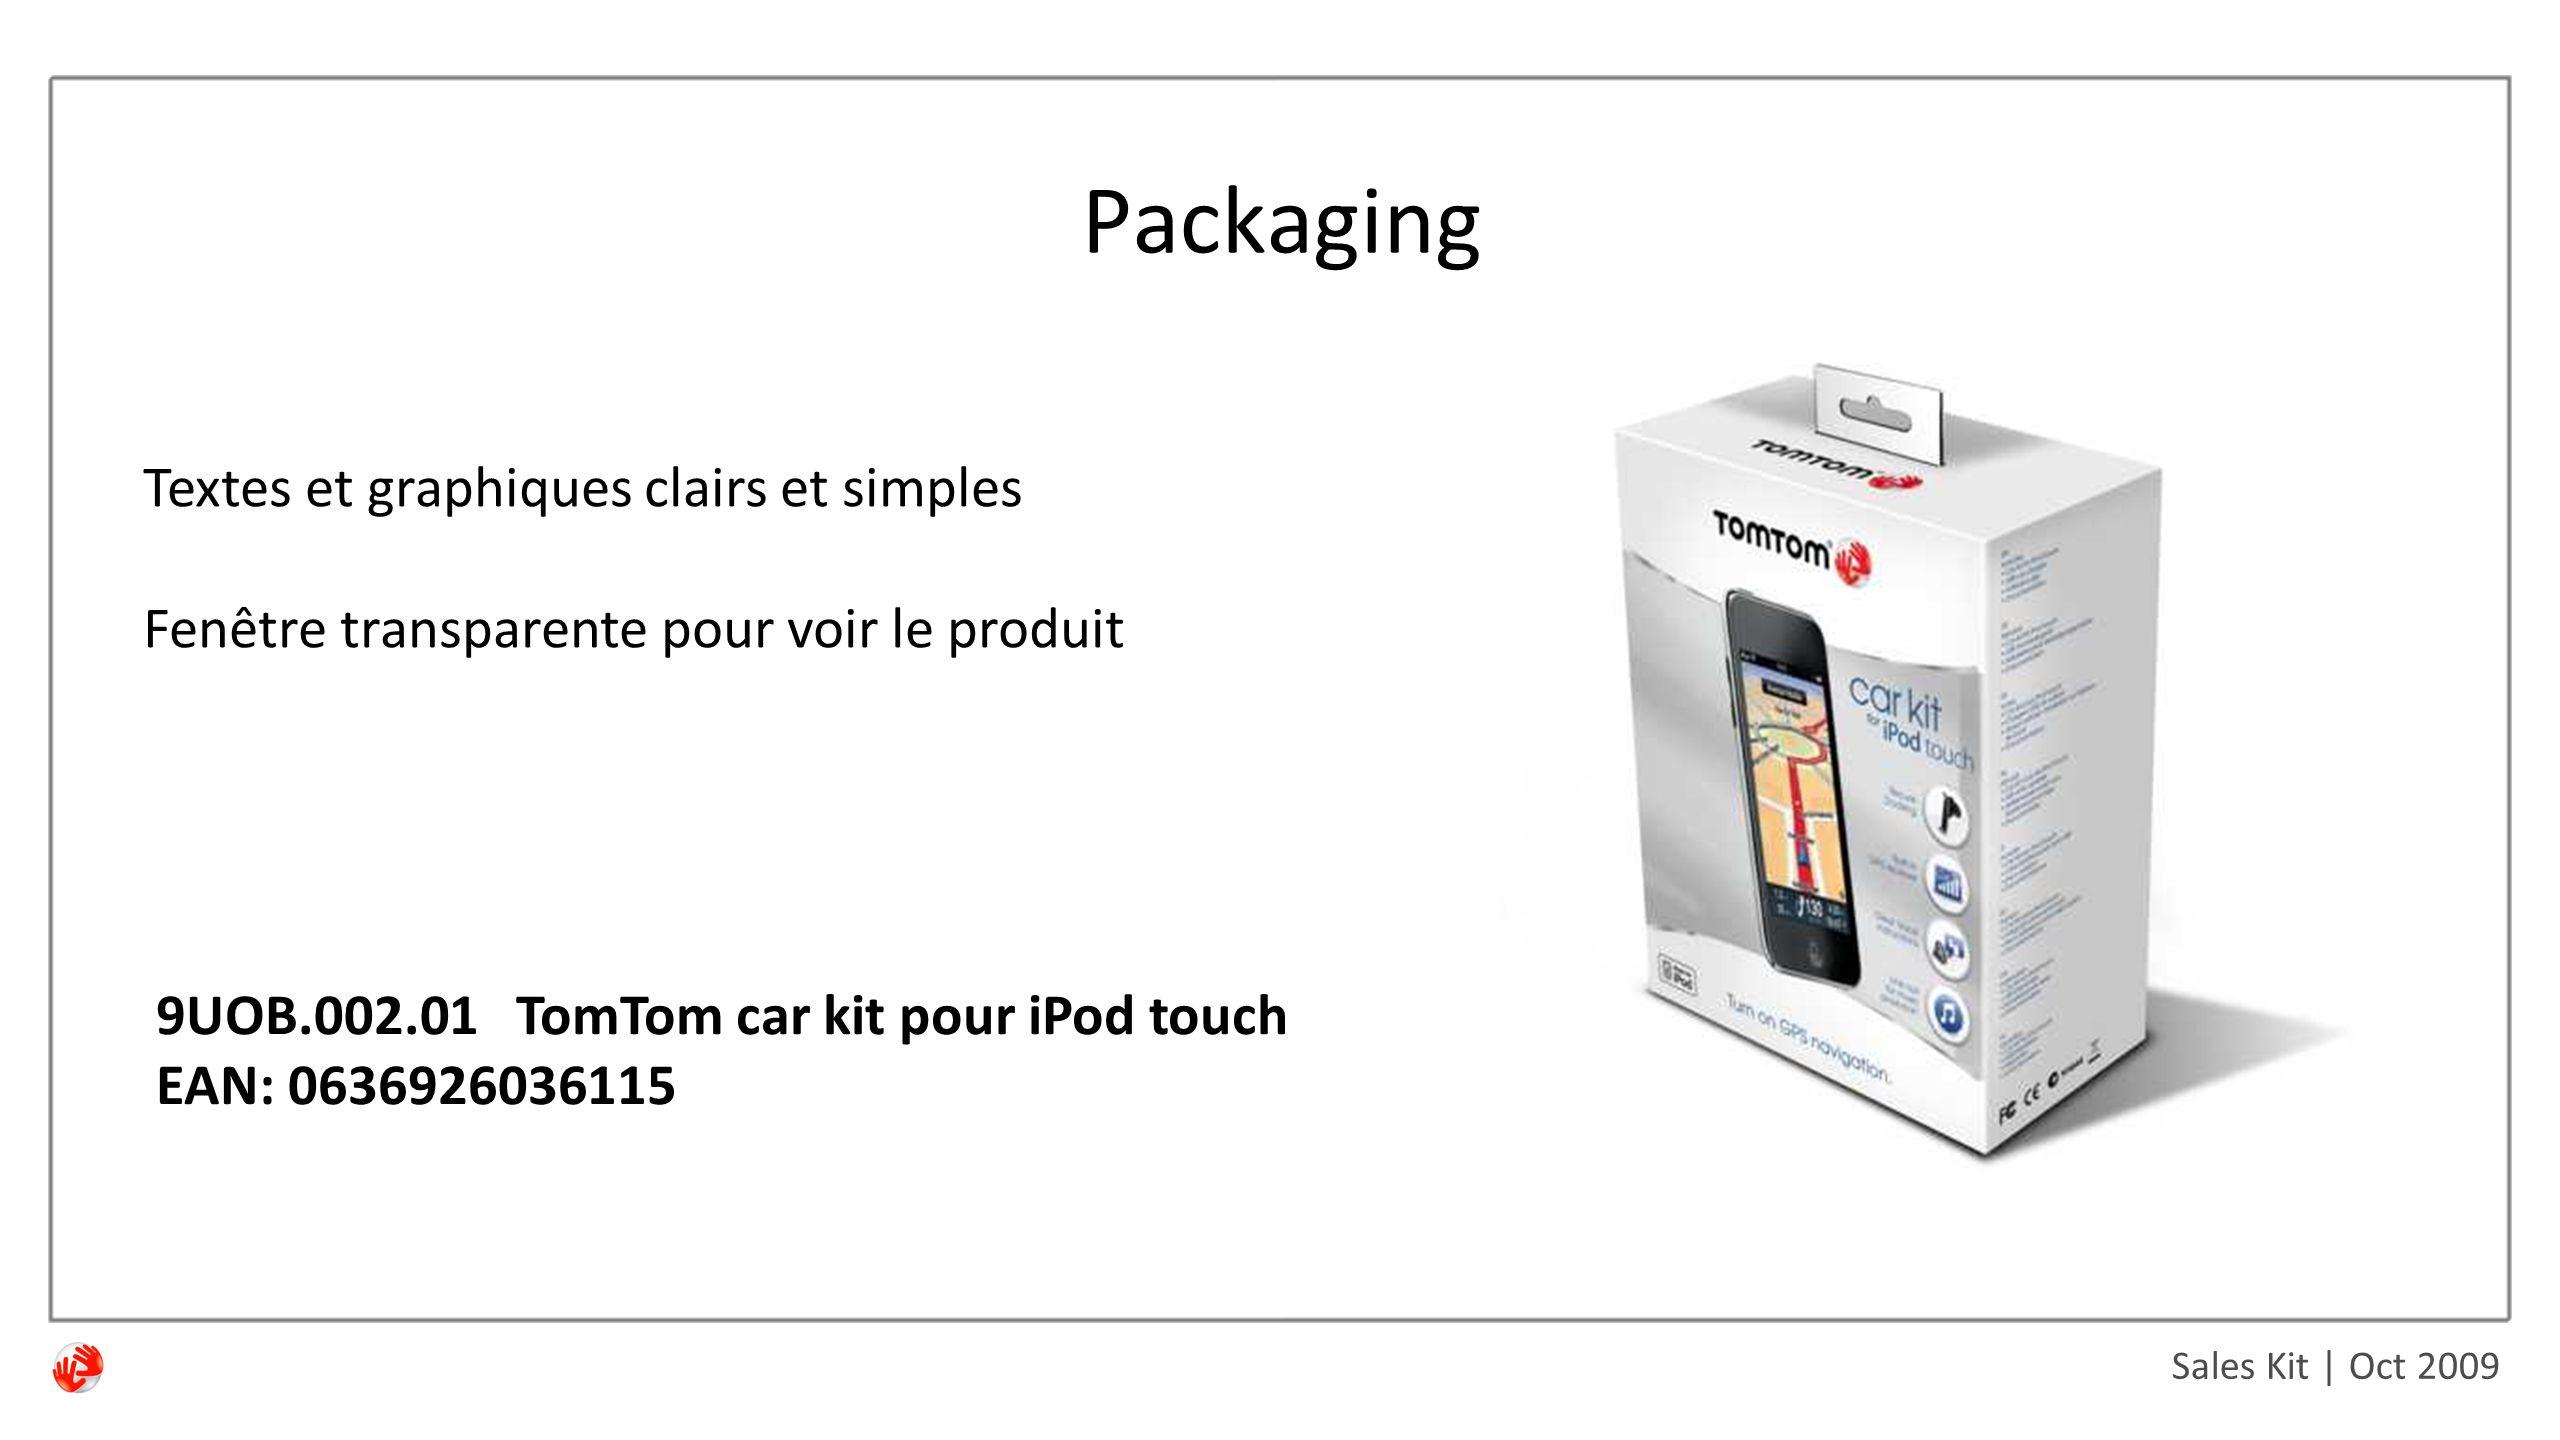 Sales Kit | Oct 2009 Packaging Textes et graphiques clairs et simples Fenêtre transparente pour voir le produit 9UOB.002.01 TomTom car kit pour iPod touch EAN: 0636926036115